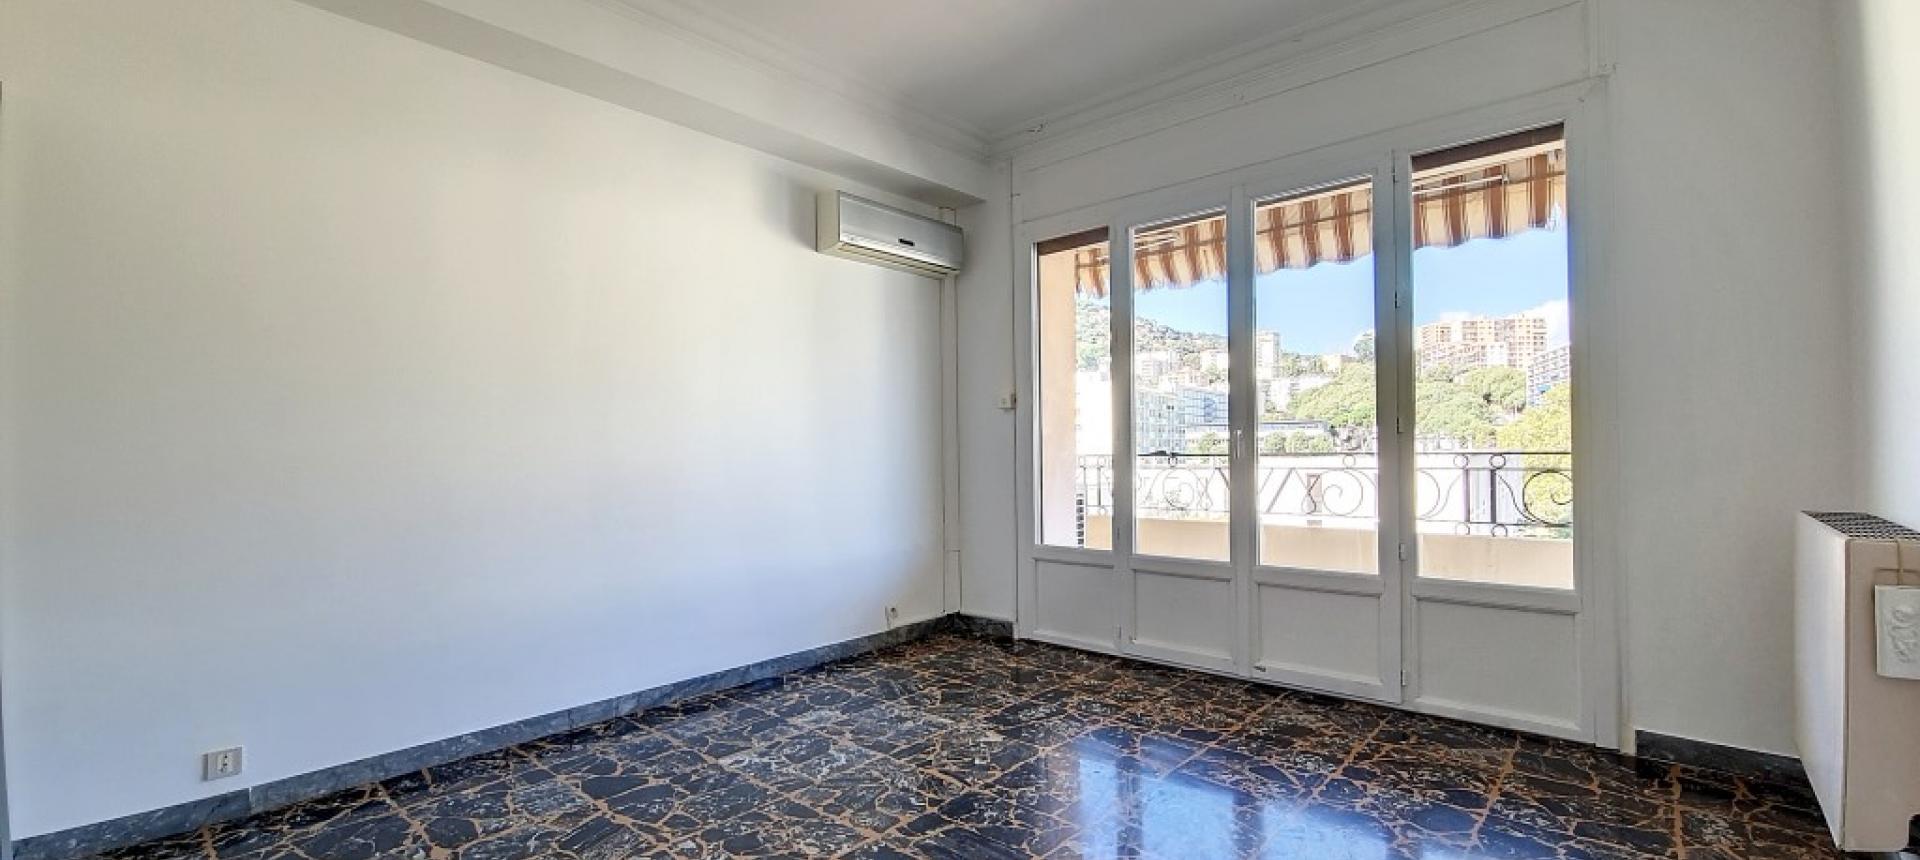 F3 à louer immeuble Masseria chambre 1